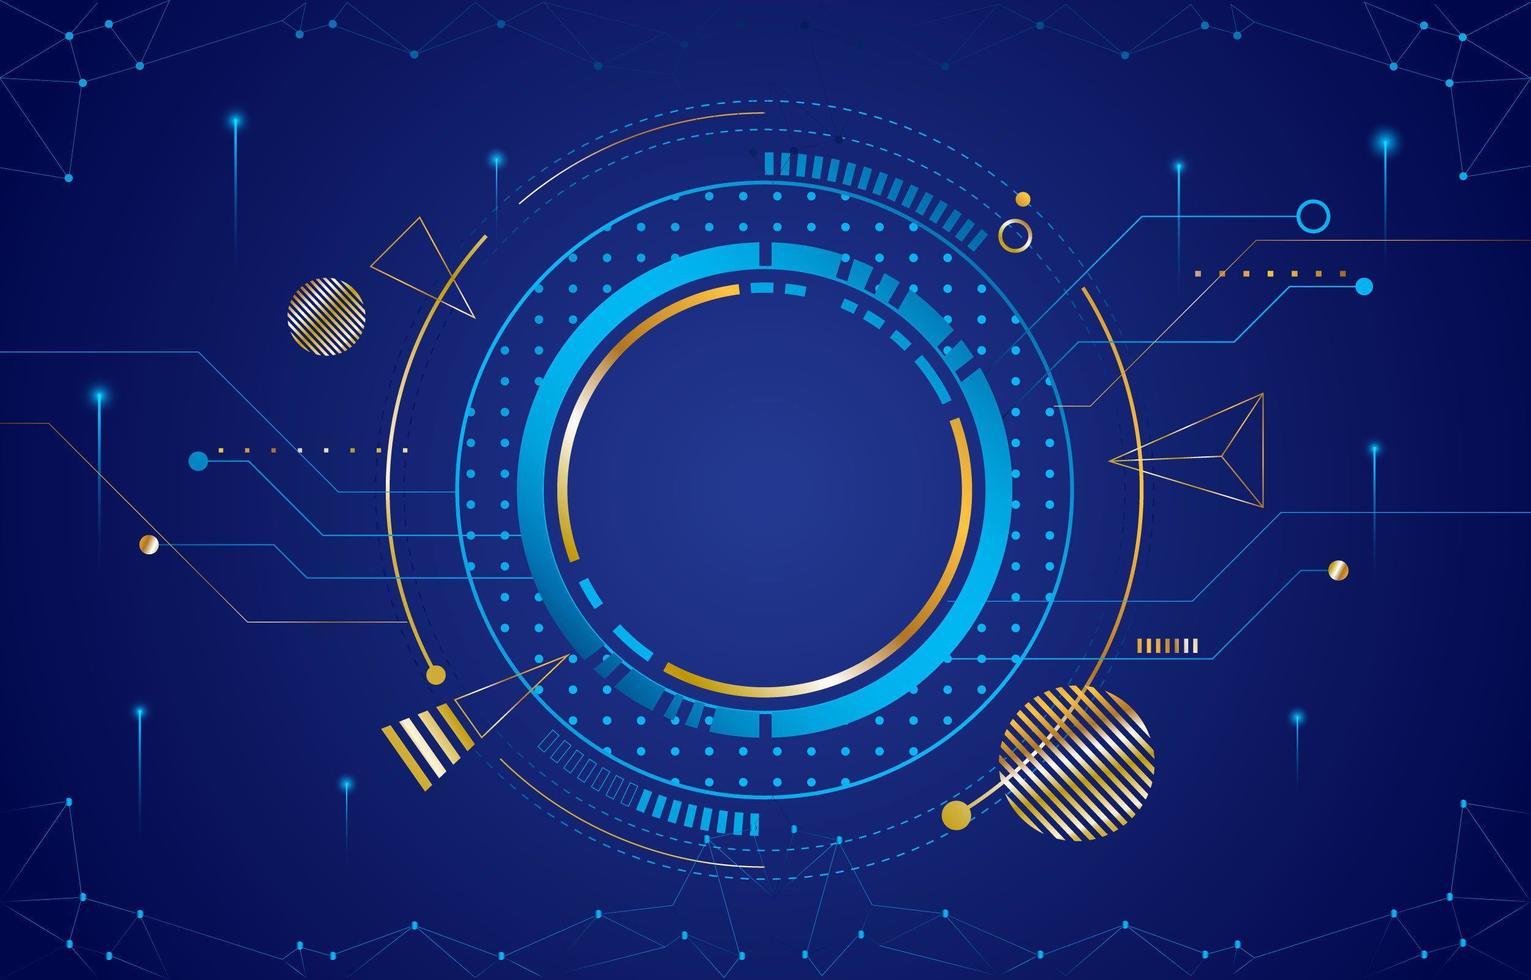 digitaler Kreis mit blauer und goldener Farbe vektor